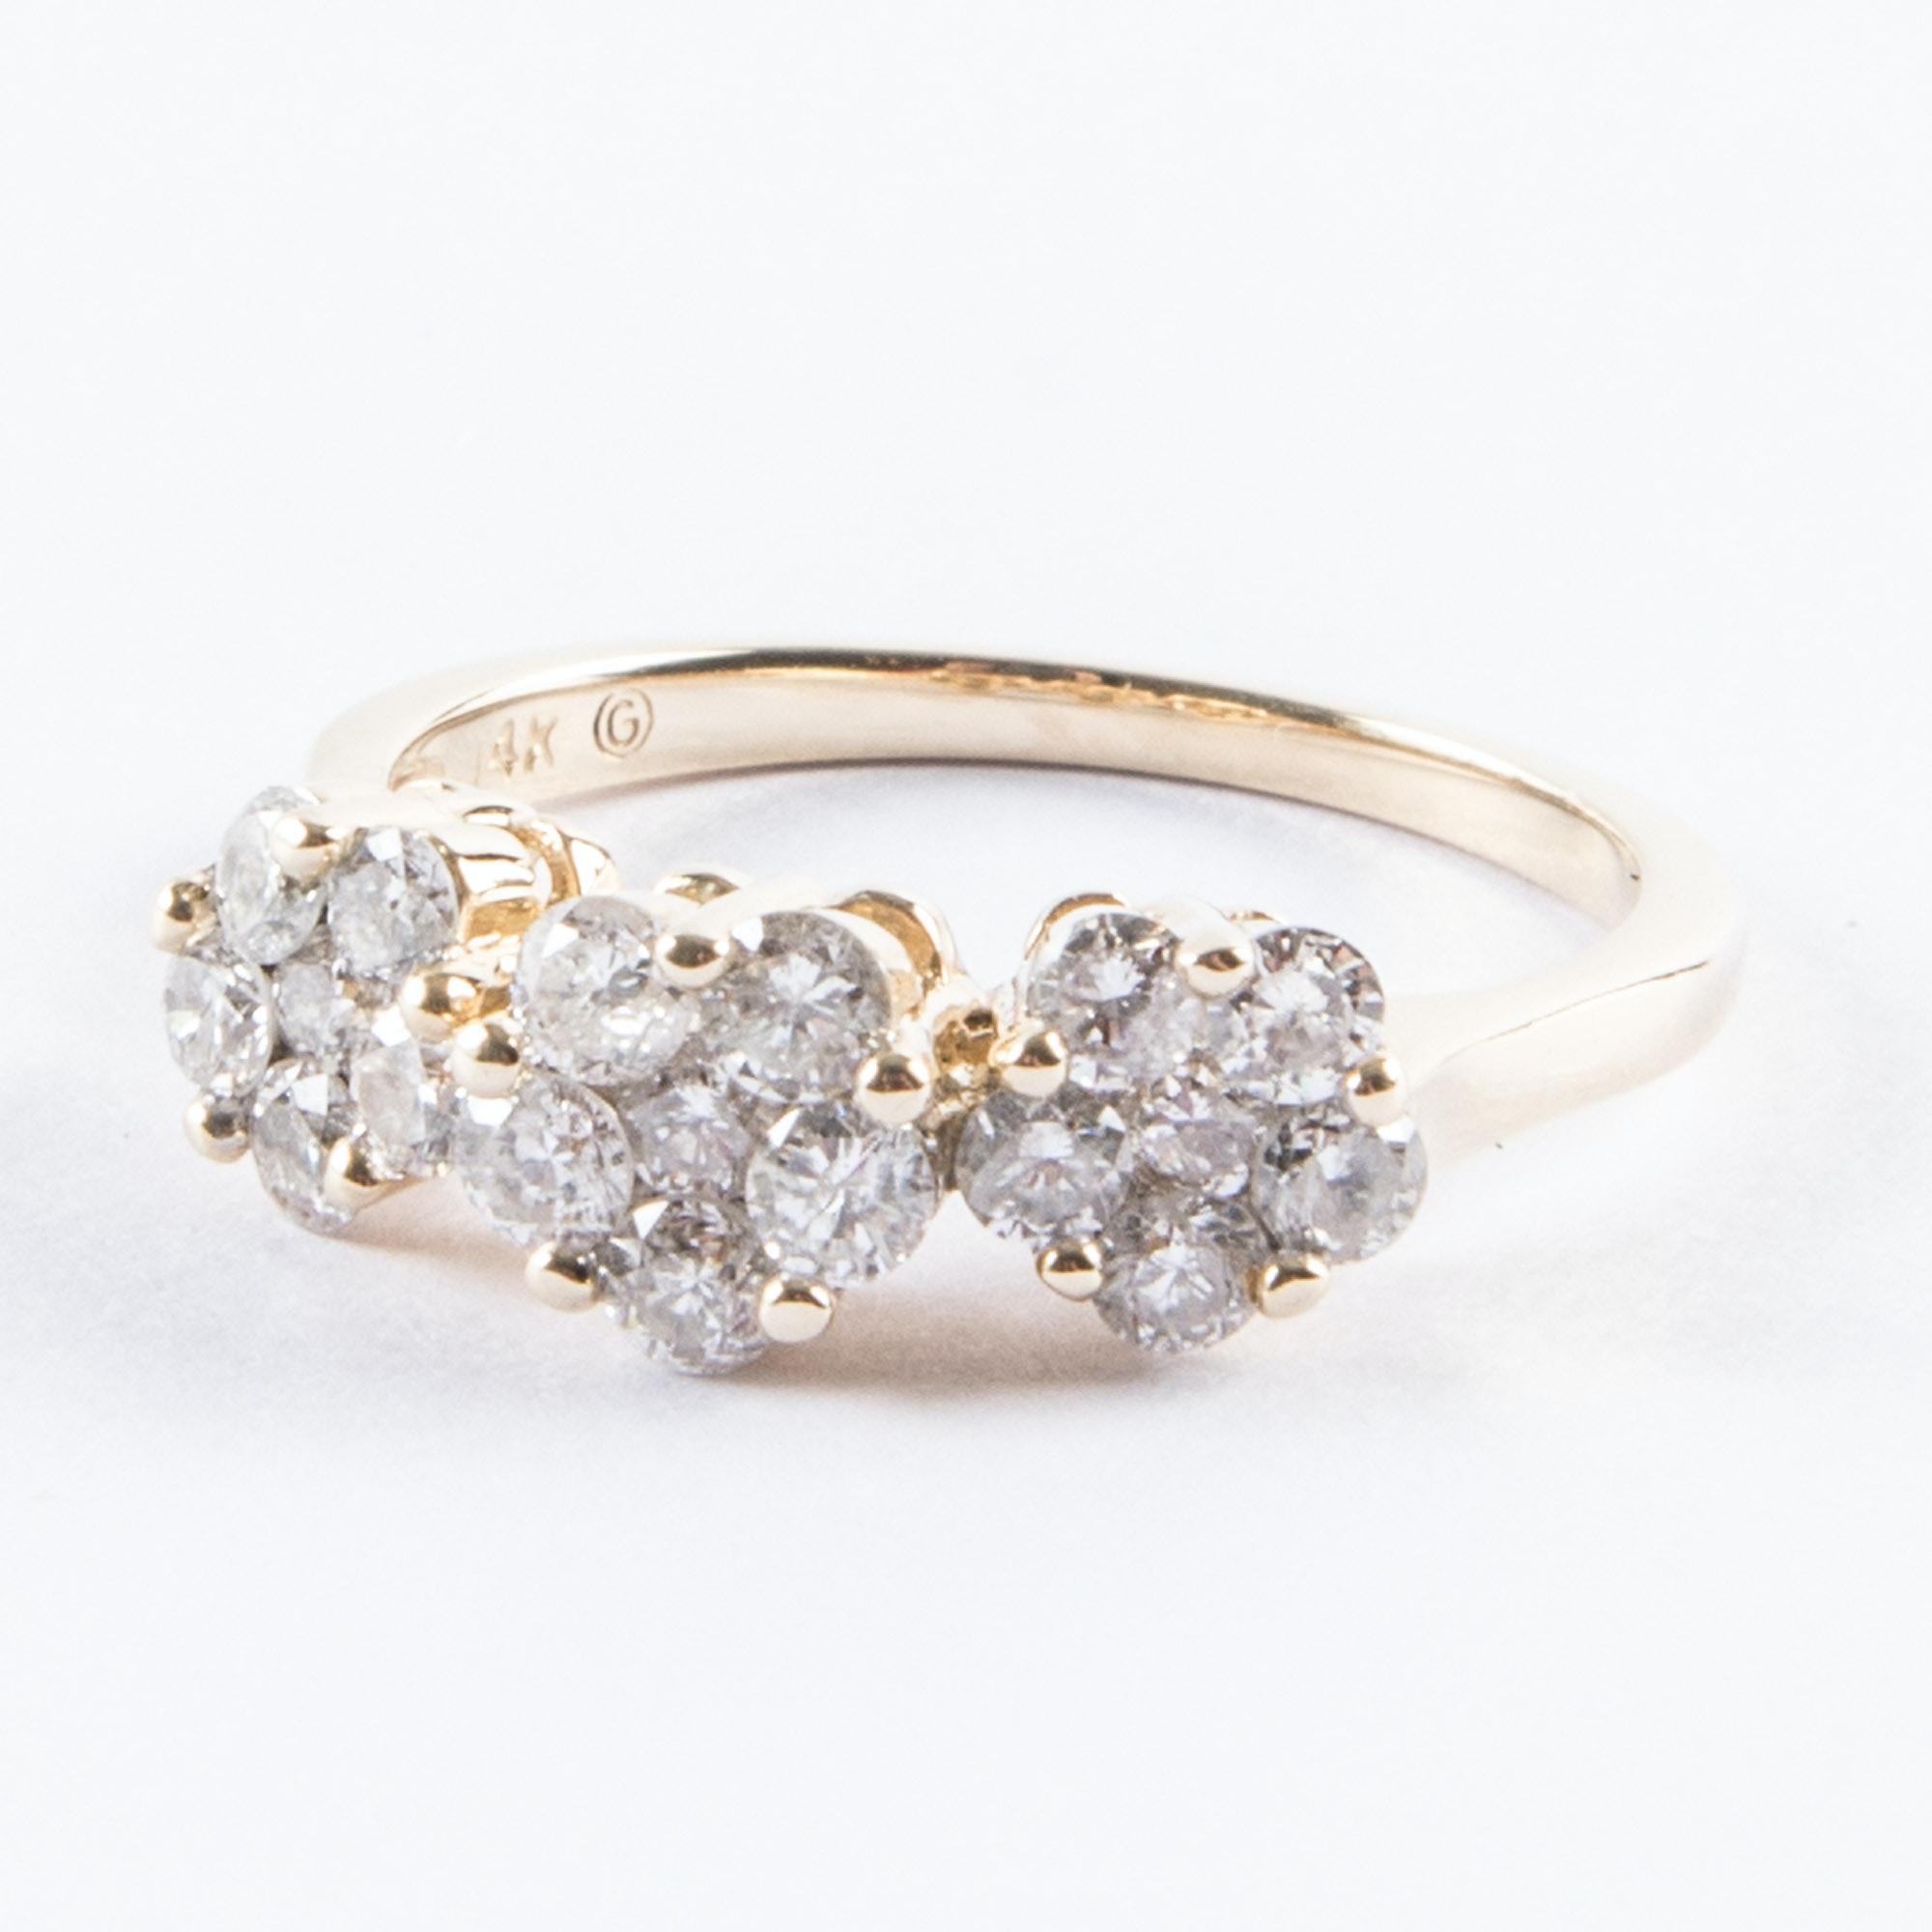 14K Gold Diamond Flower Ring